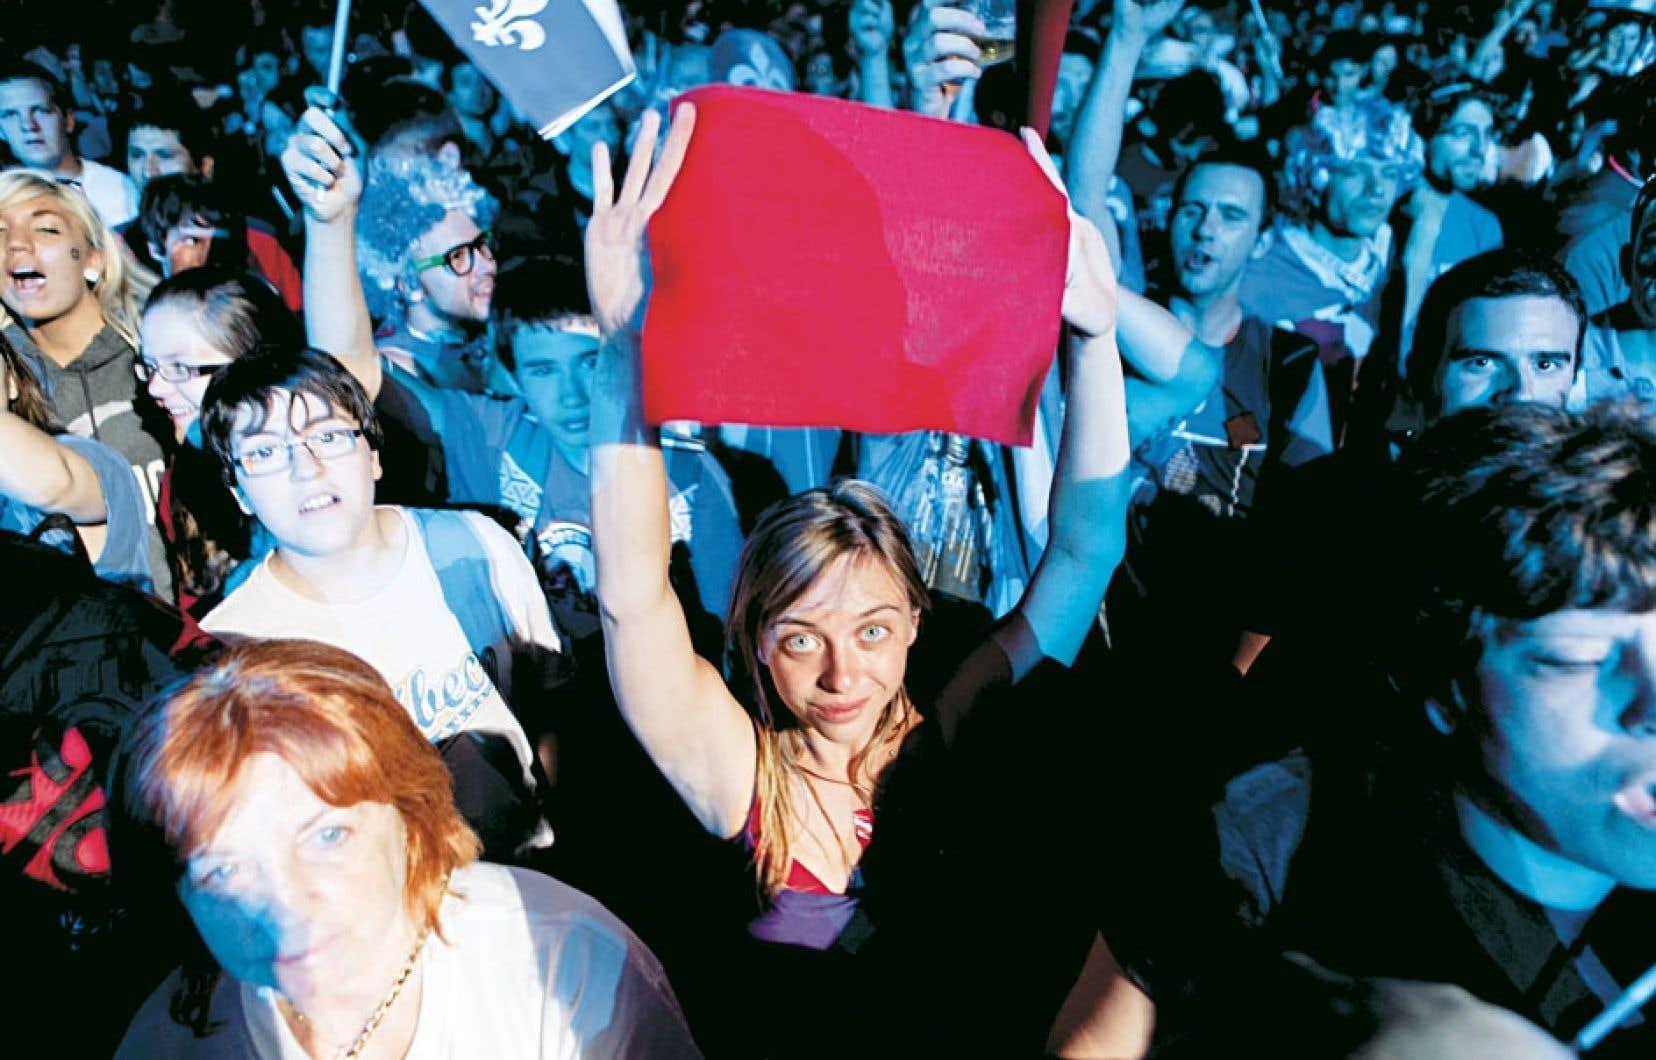 <div> Une jeune femme brandissant un carré rouge lors des célébrations de la fête nationale sur les plaines d'Abraham, le 24 juin dernier à Québec</div>